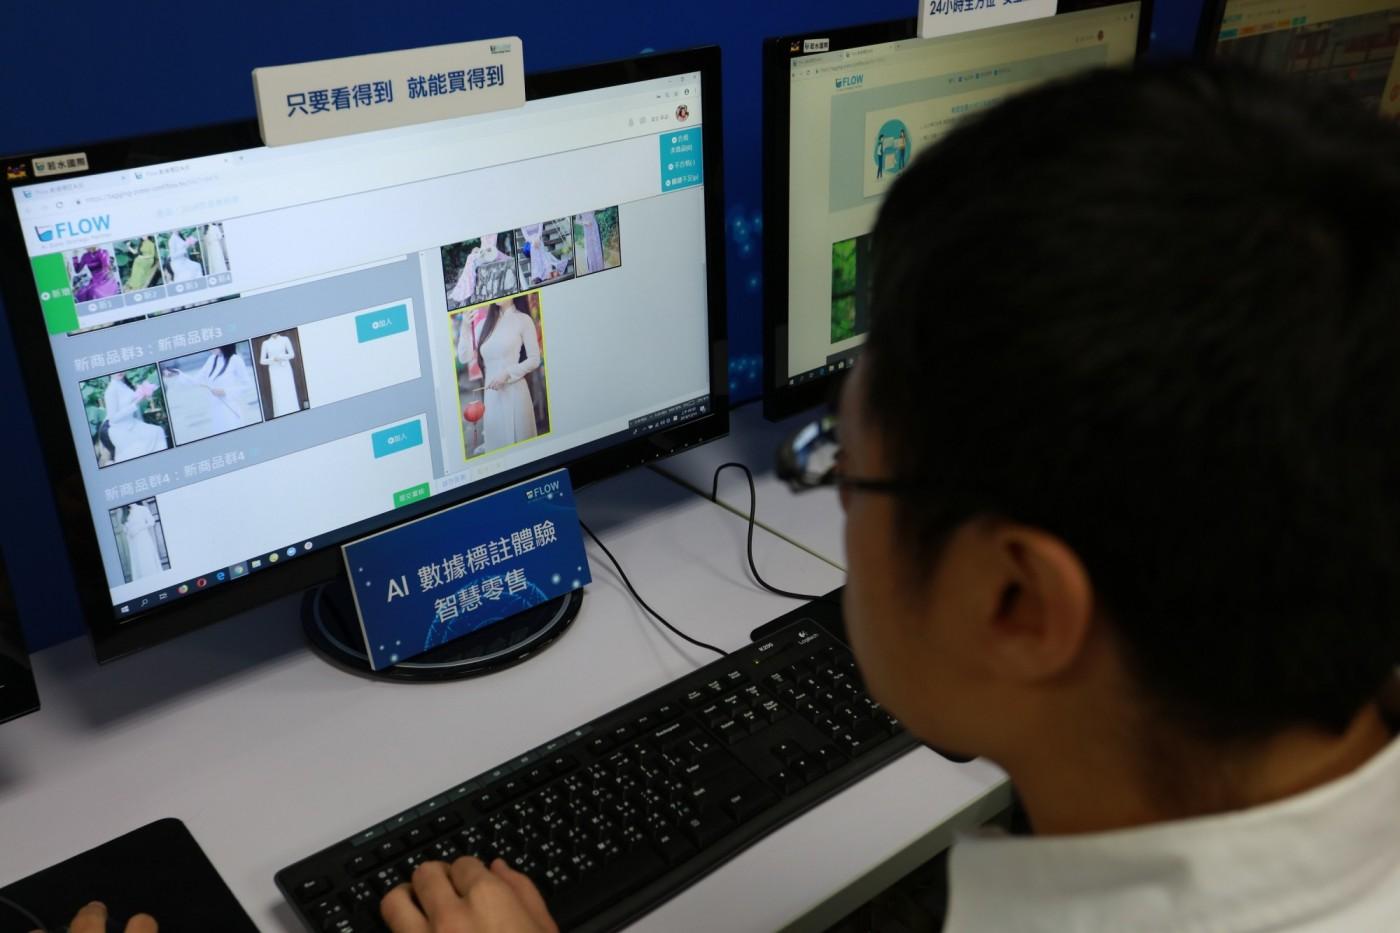 AI創造工作機會,若水培育百位身障數據標註師